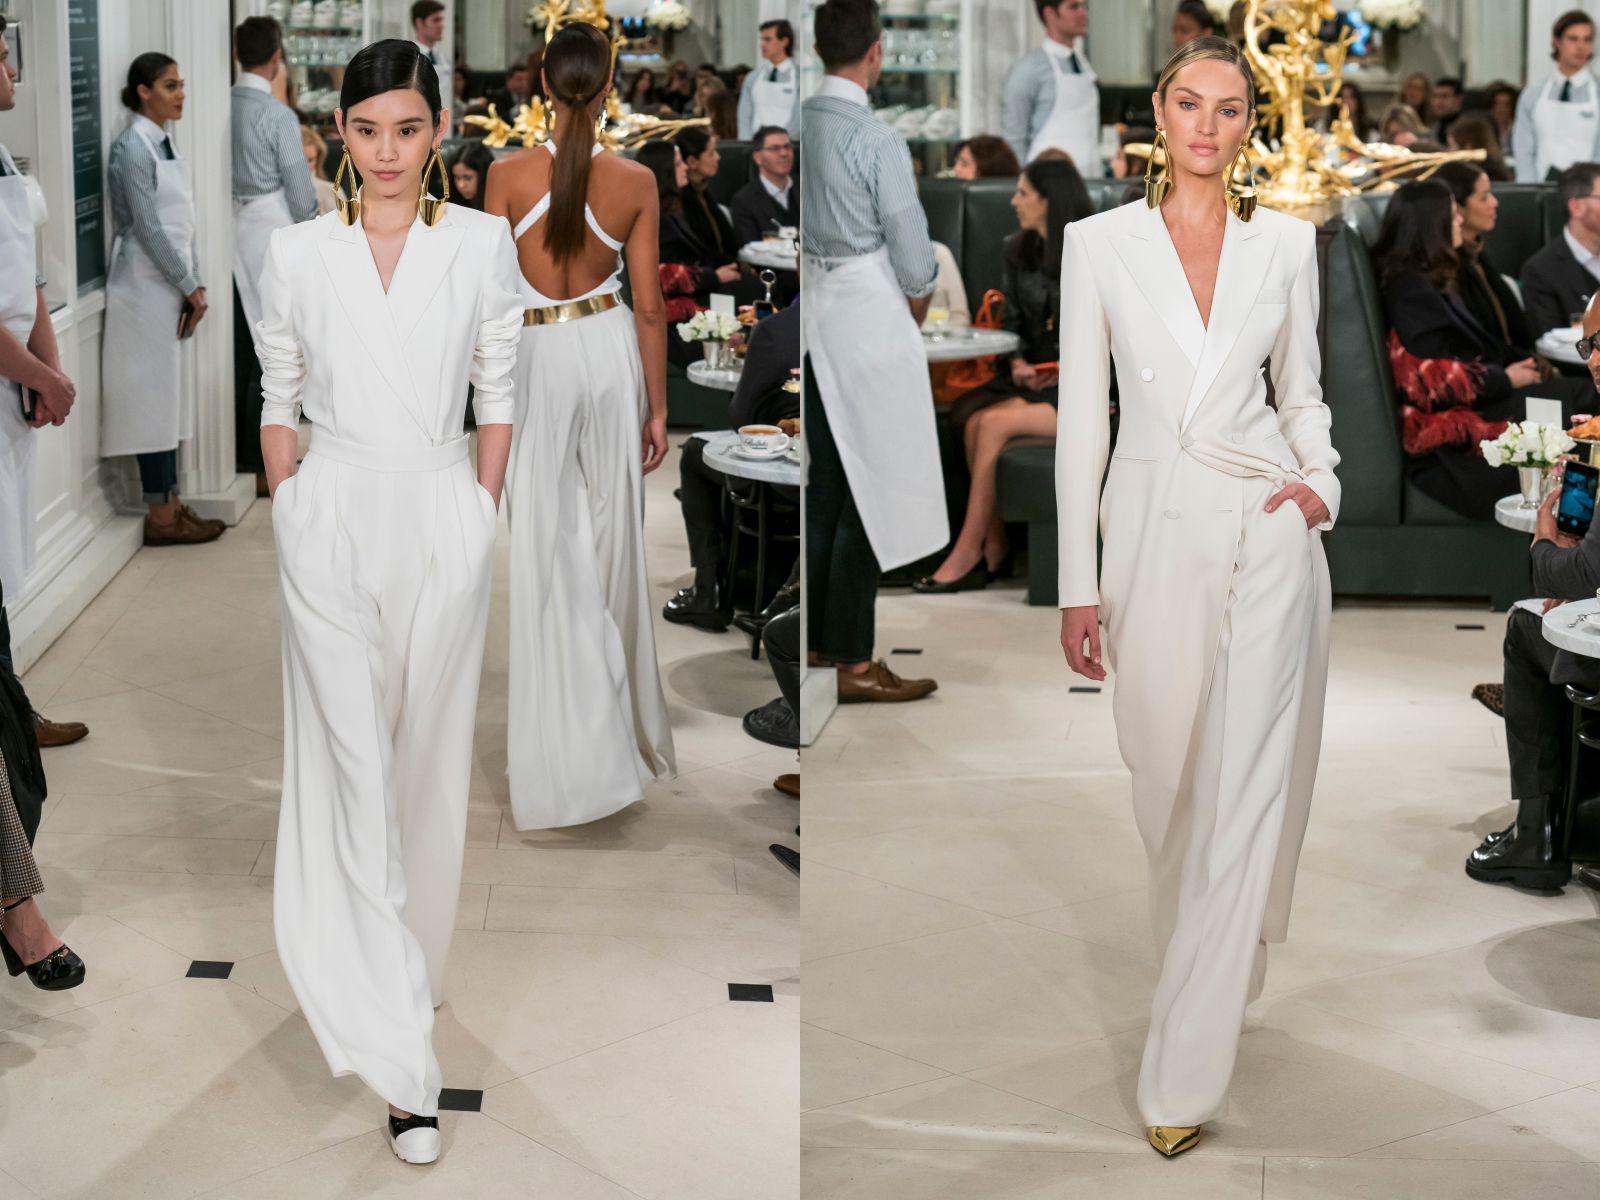 【紐約時裝週】邊喝咖啡邊看秀!Ralph Lauren 秋冬季設計,一窺「紐約貴婦」們的下午茶穿搭!